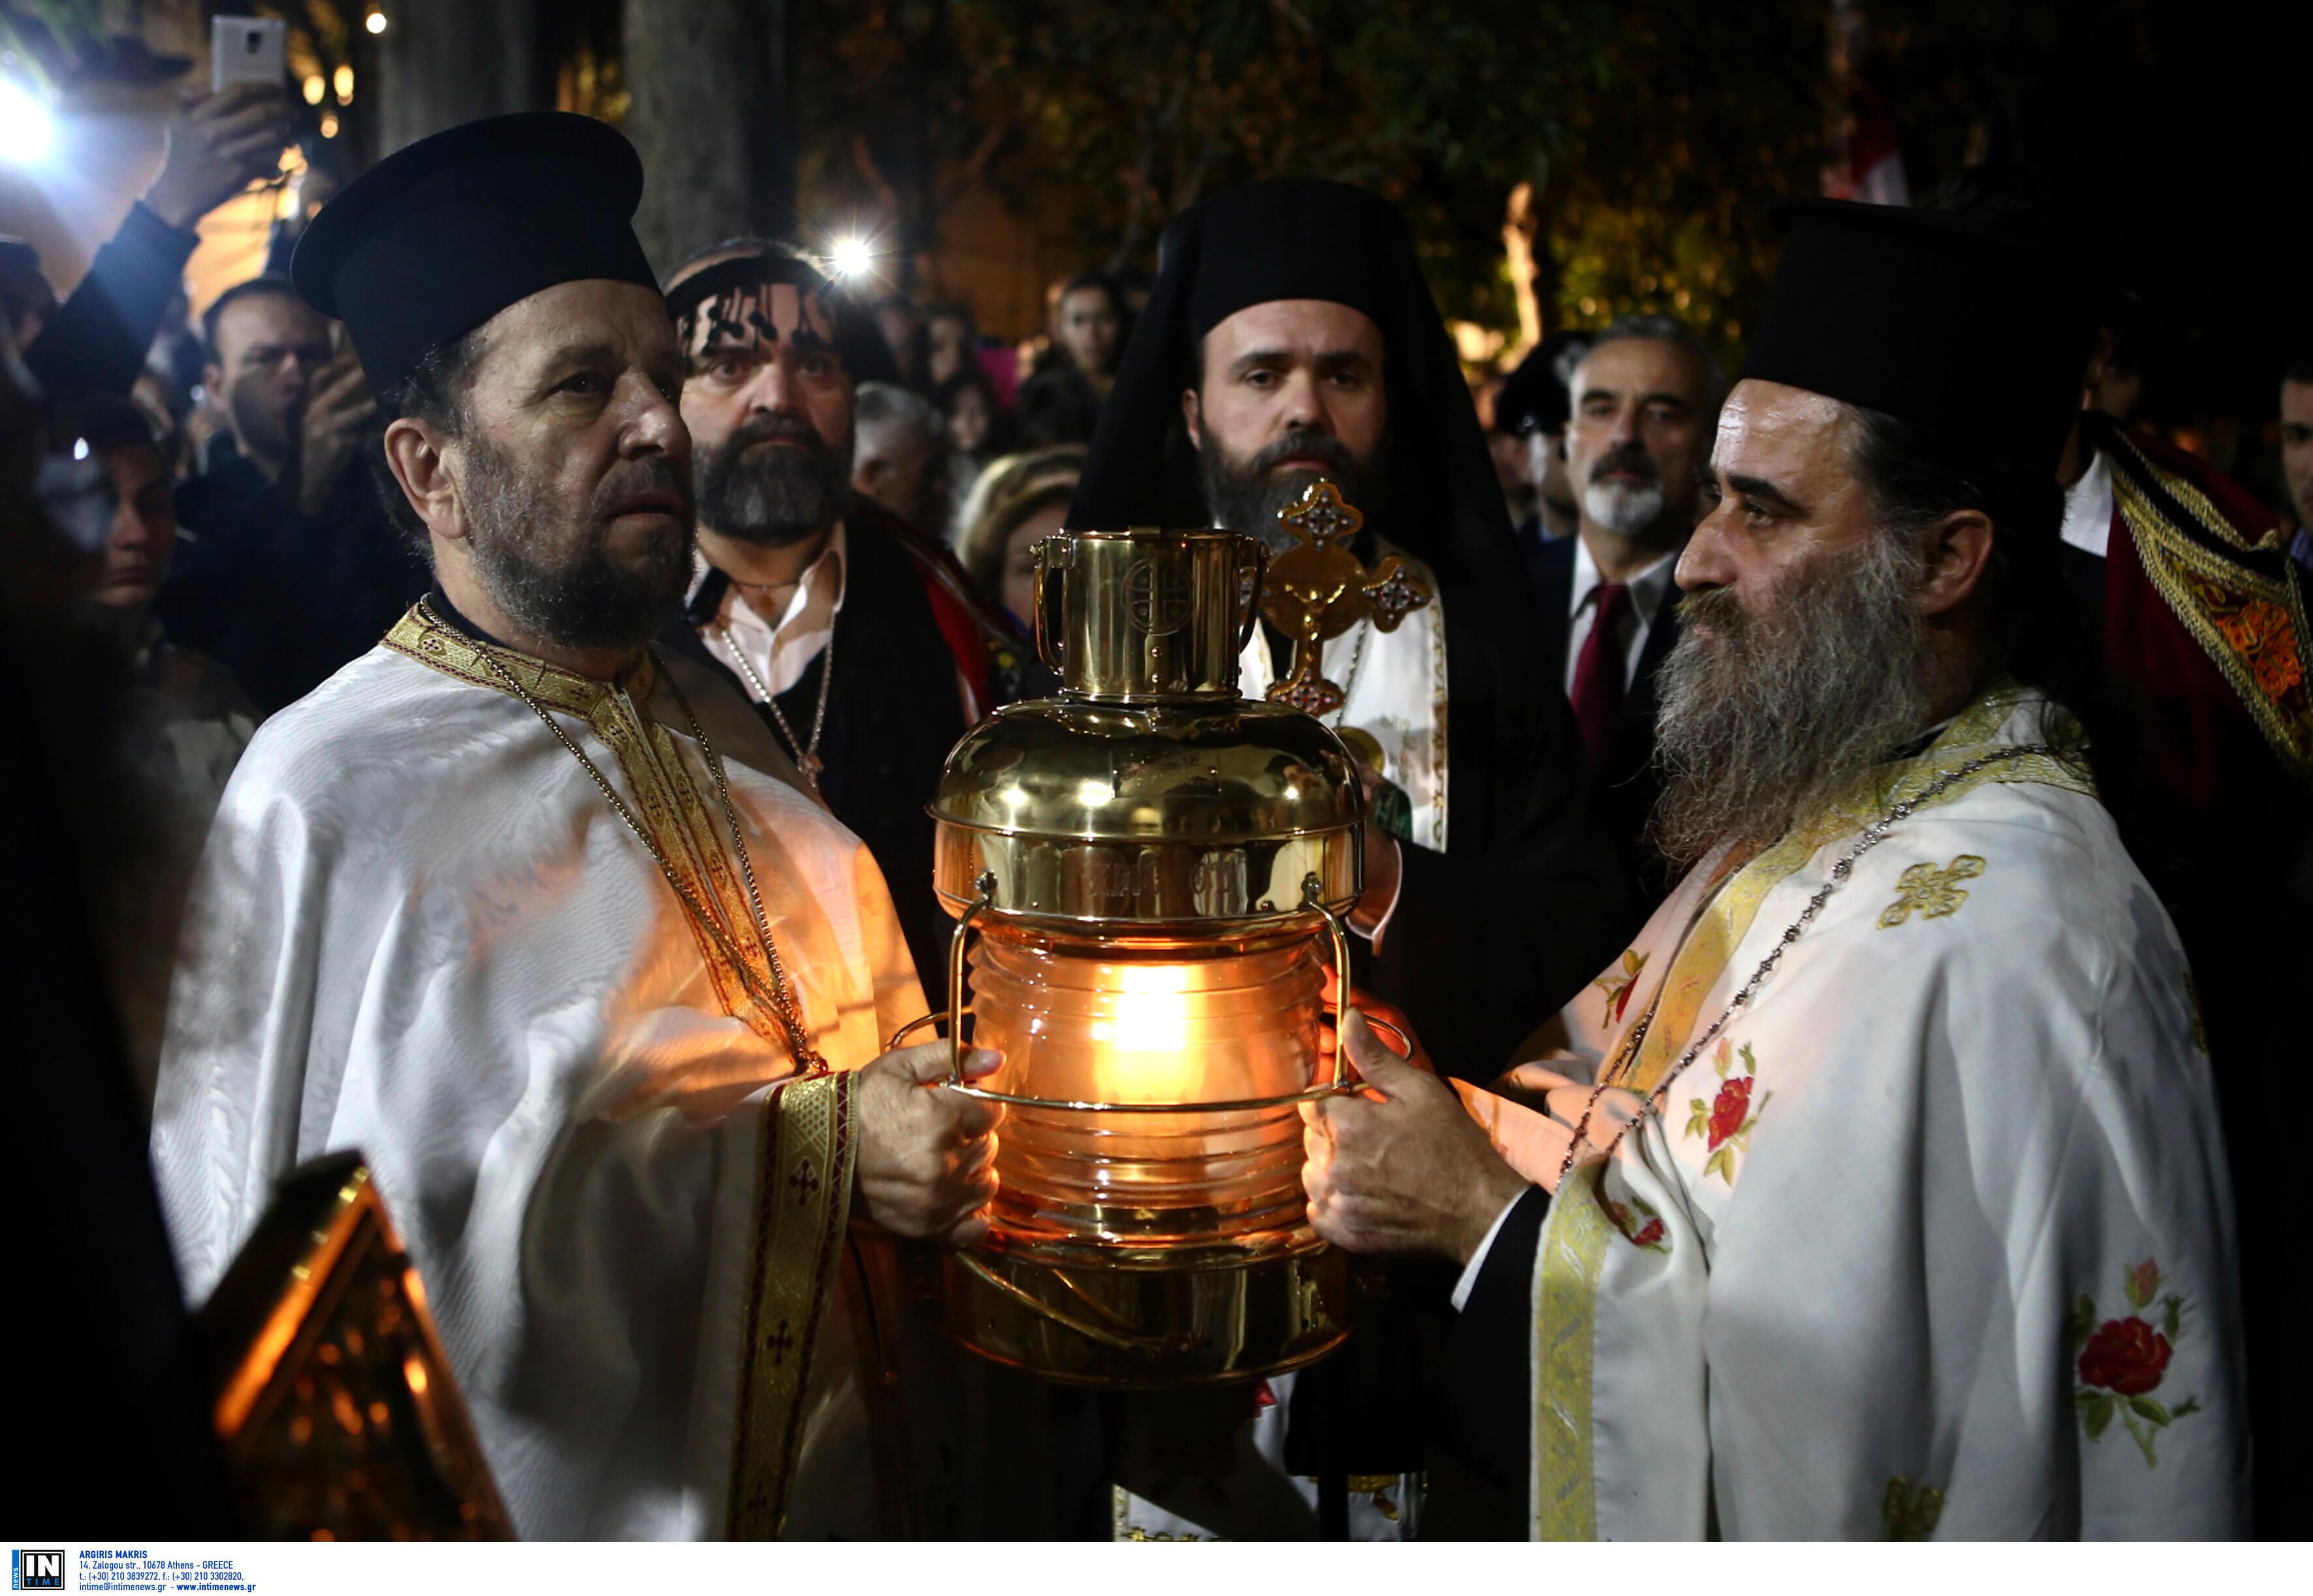 Πάσχα 2019: Στις 18.30 του Μεγάλου Σαββάτου φτάνει το Άγιο Φως στην Αθήνα